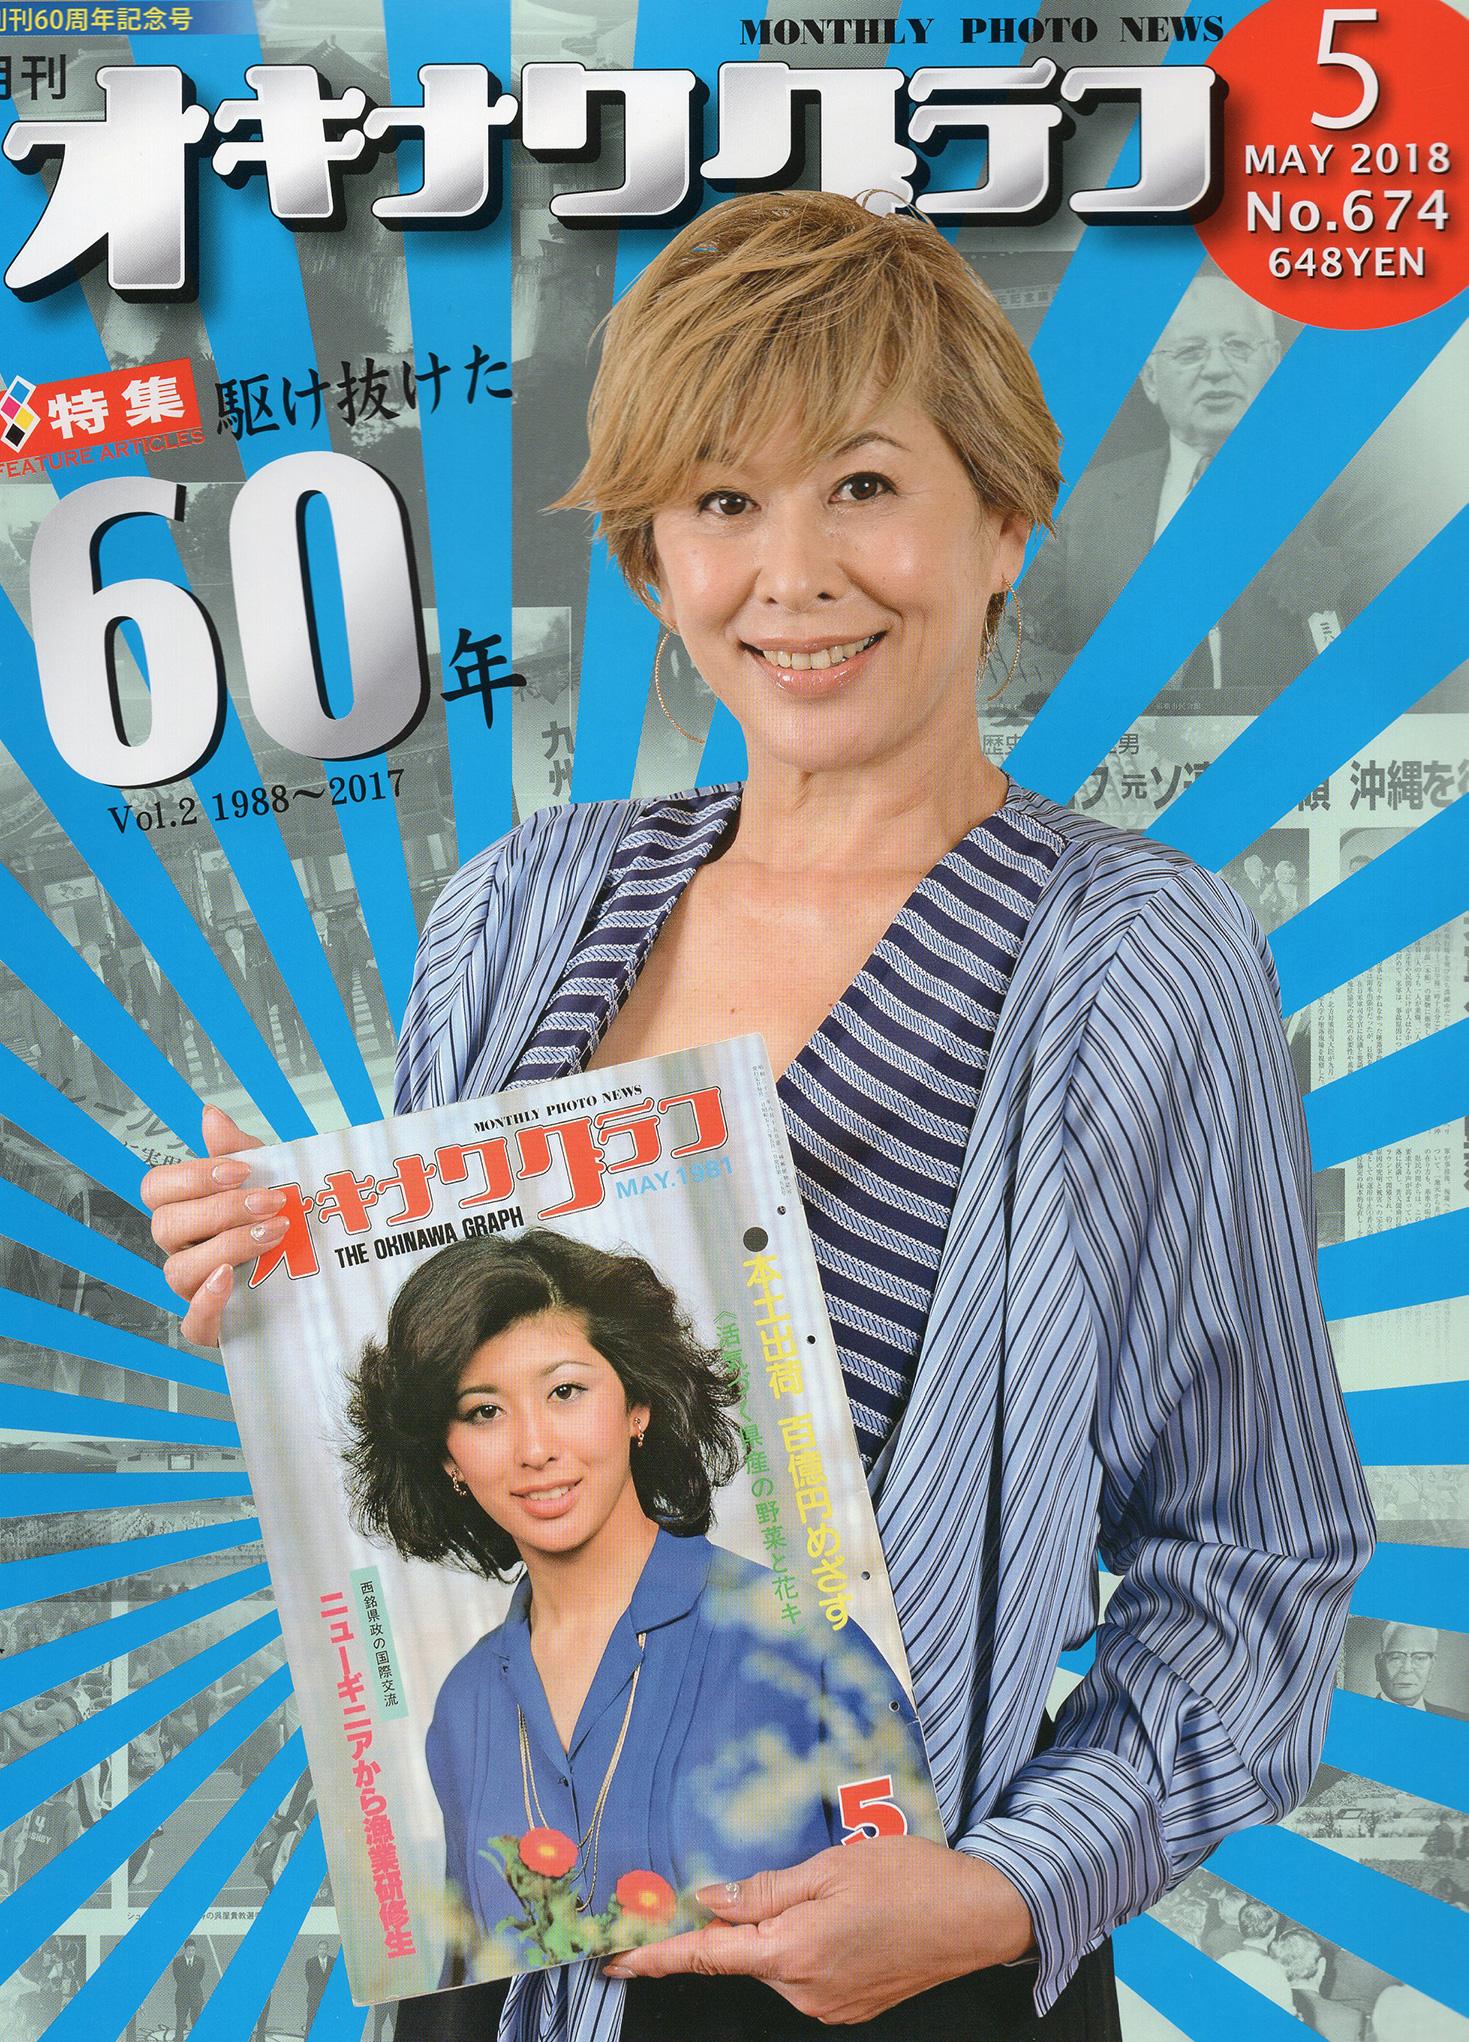 オキナワグラフ 山田美加子